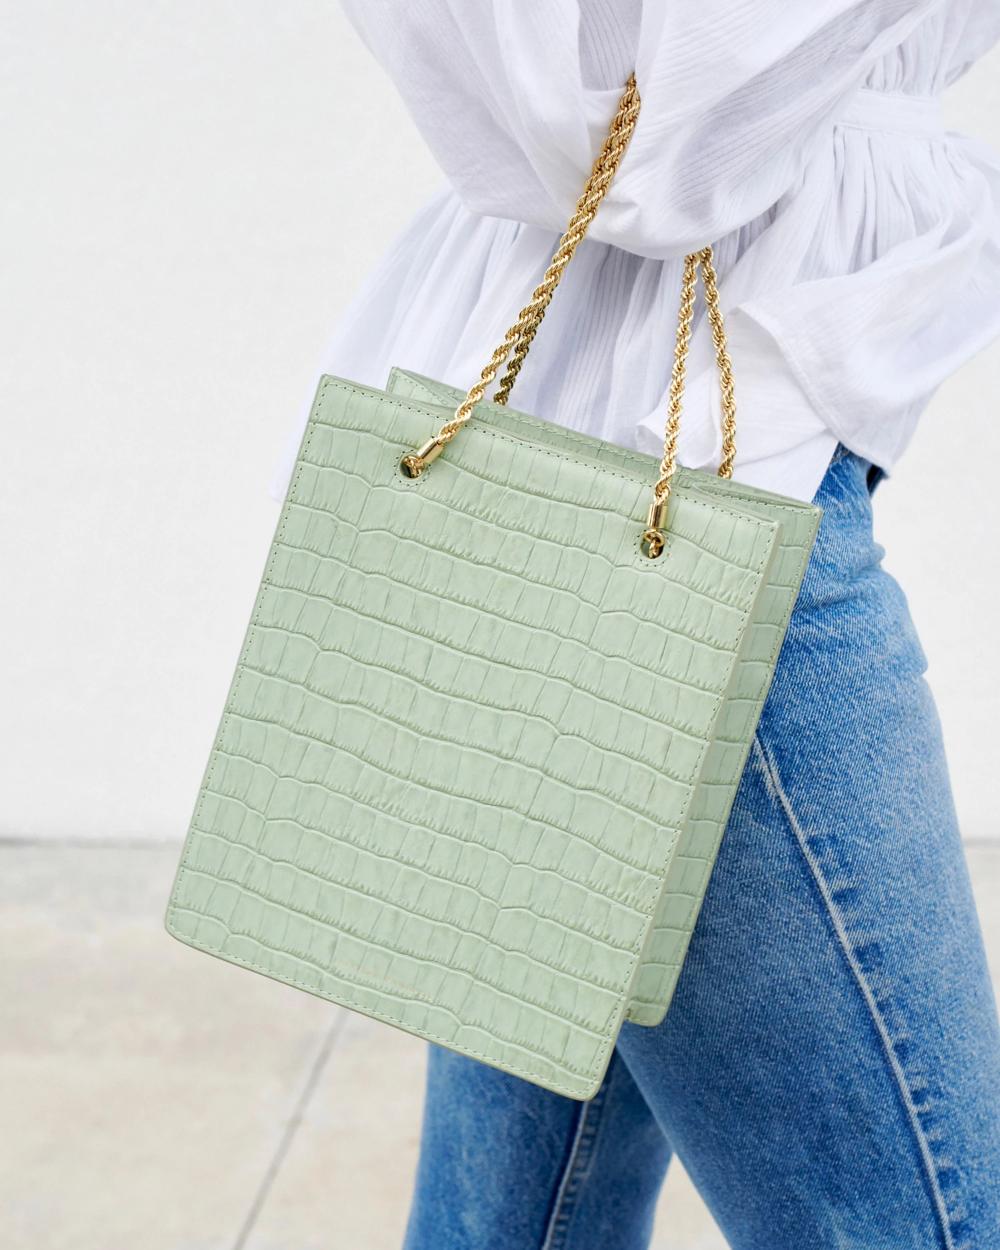 Antoinette Shopper Tote In 2020 Shopper Tote Pistachio Color